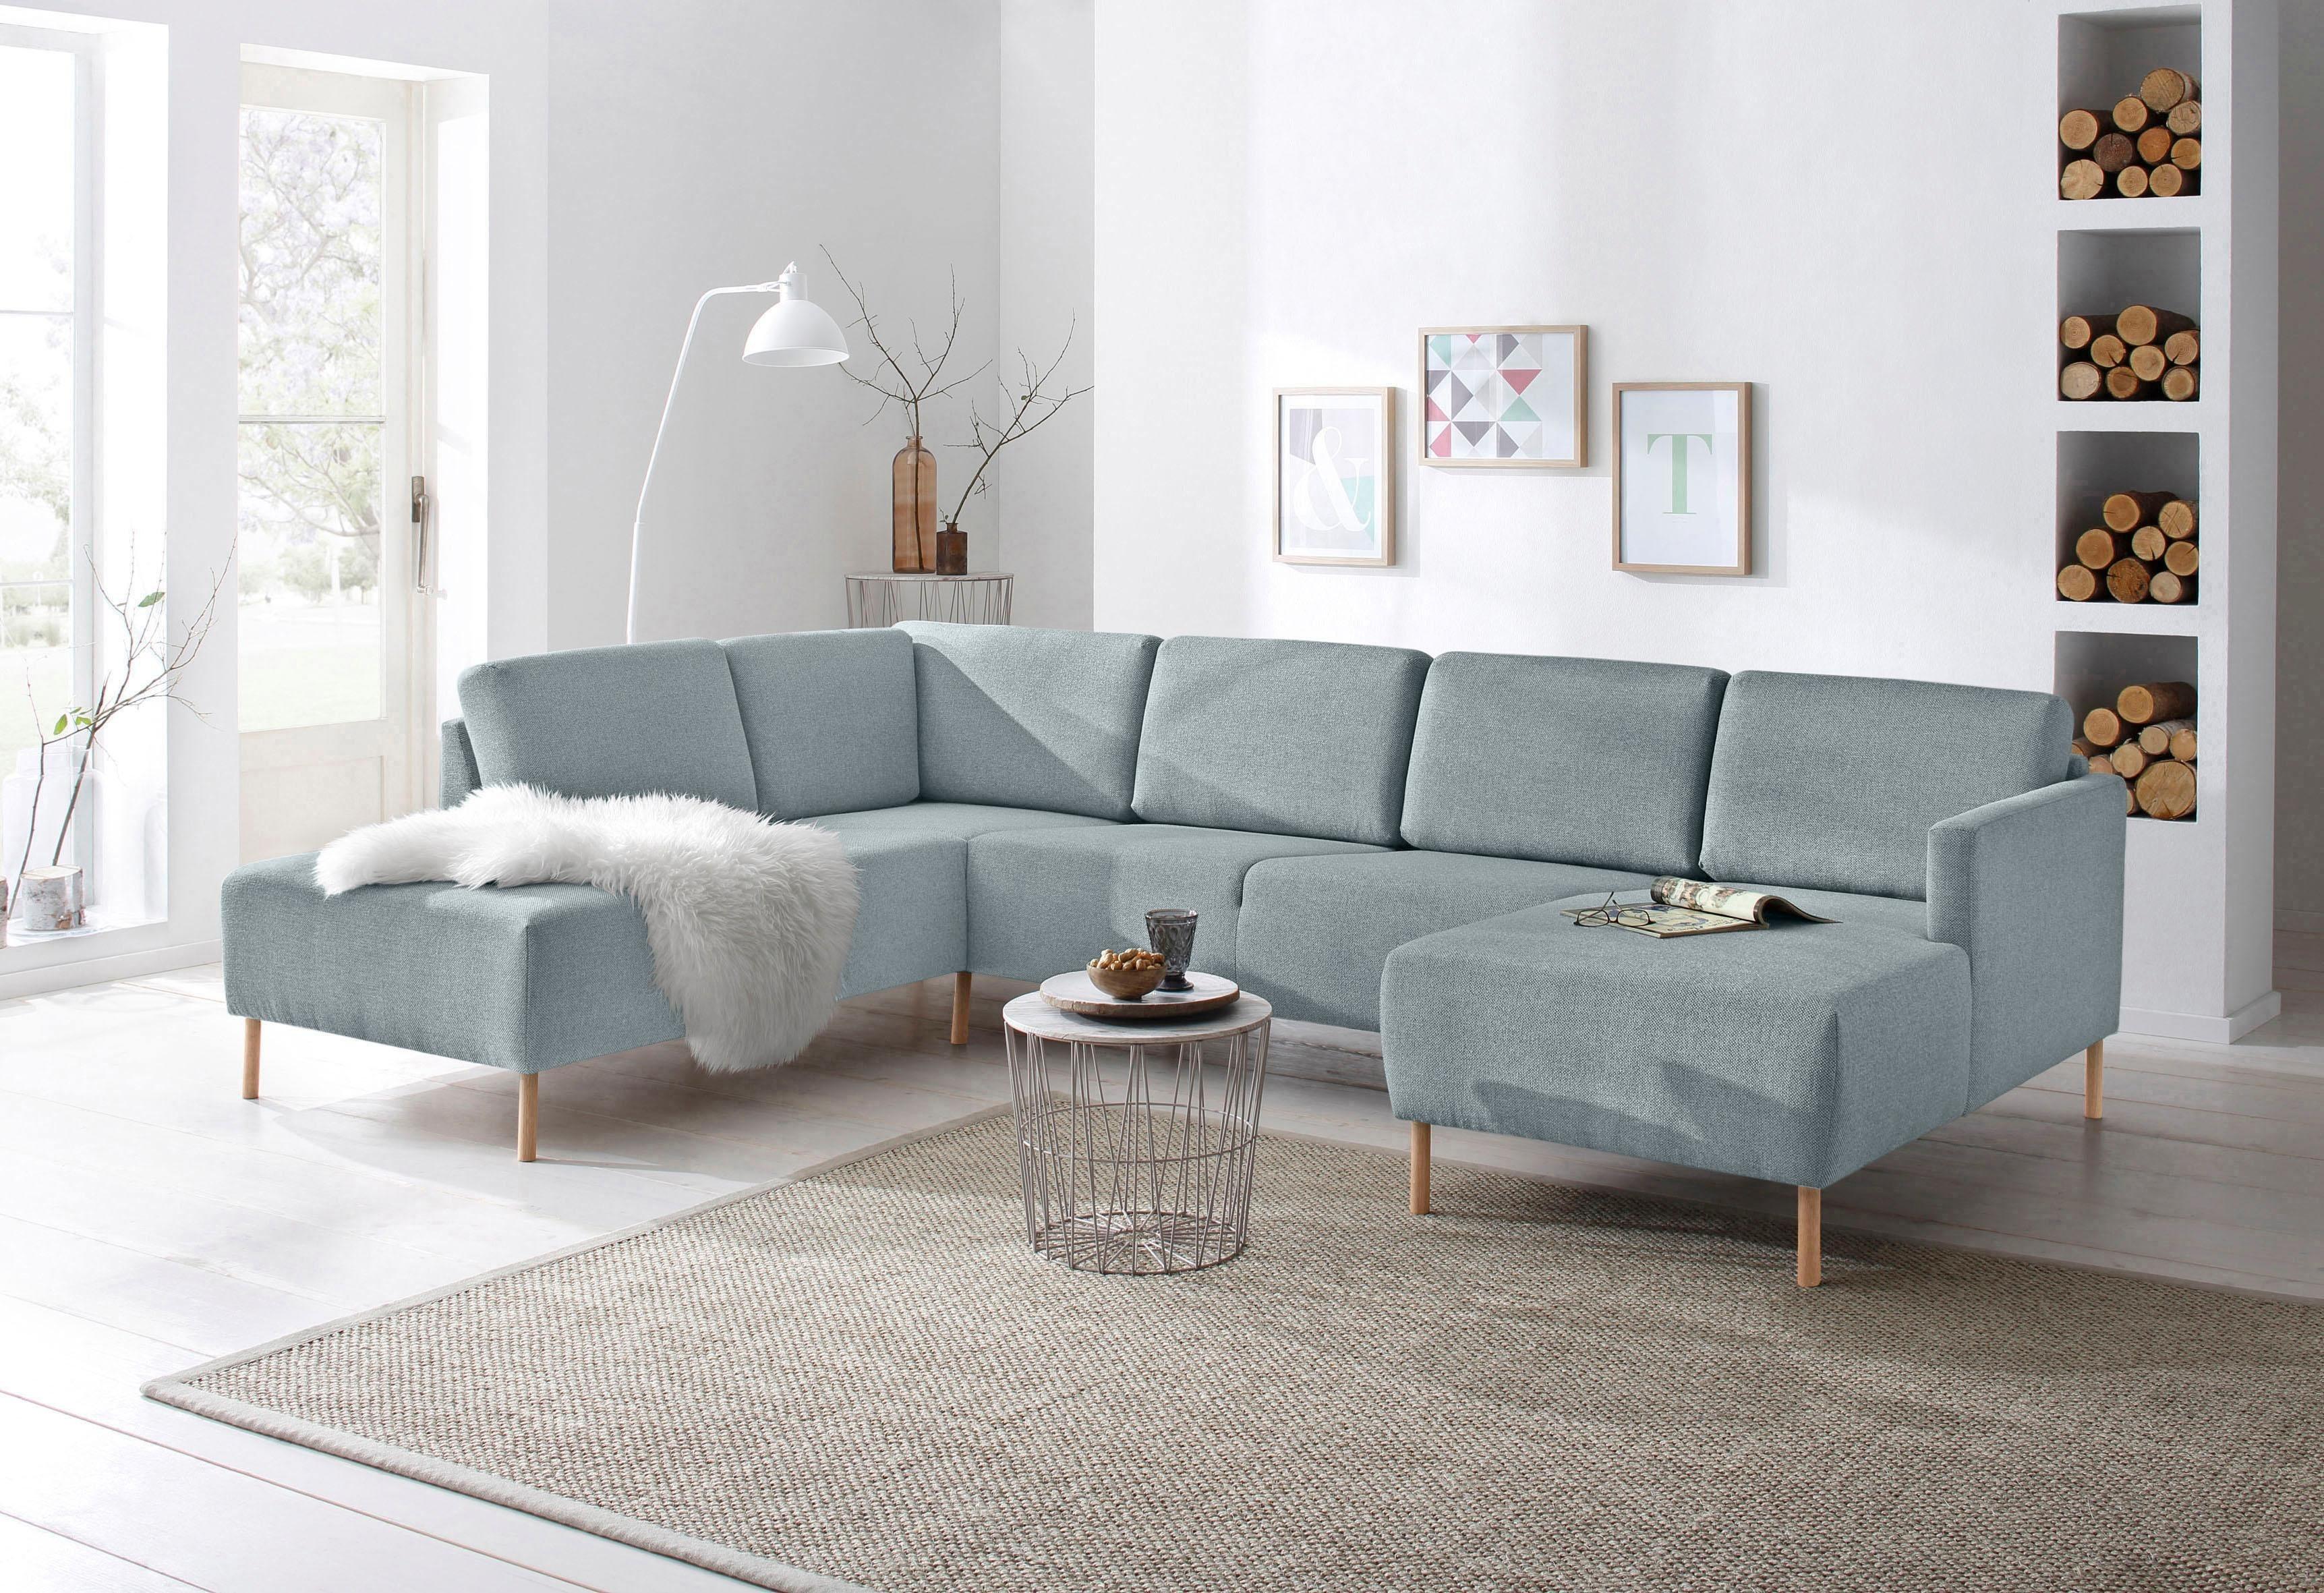 andas wohnlandschaften online kaufen m bel suchmaschine. Black Bedroom Furniture Sets. Home Design Ideas